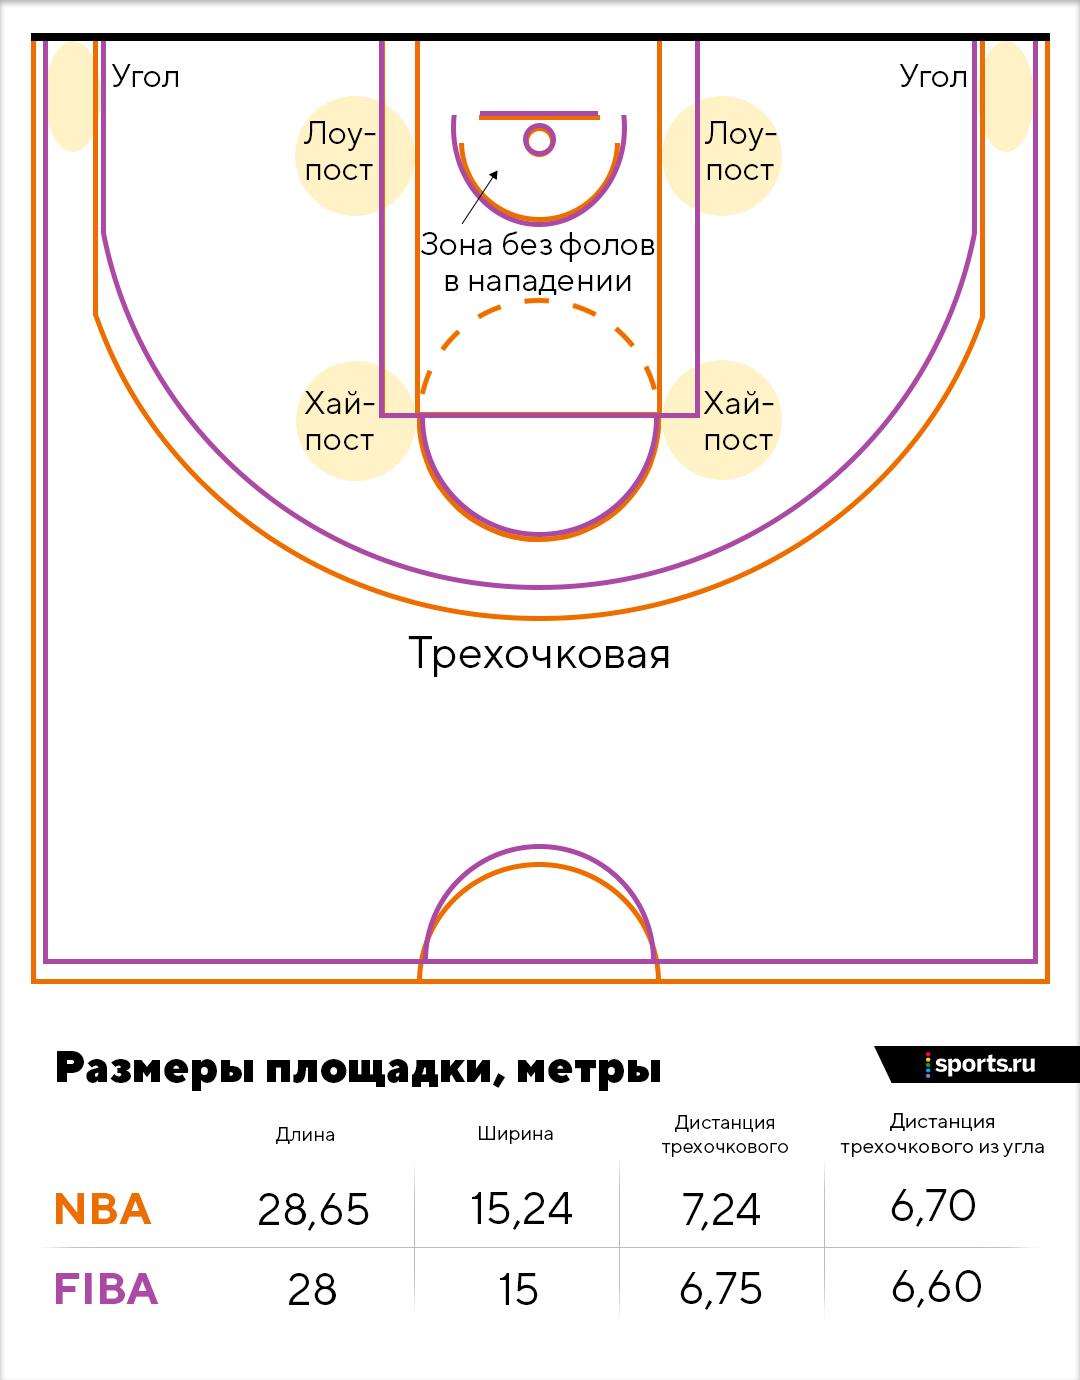 Бросок в баскетболе, техника баскетбольного броска, штрафной, в прыжке, слэм-данк